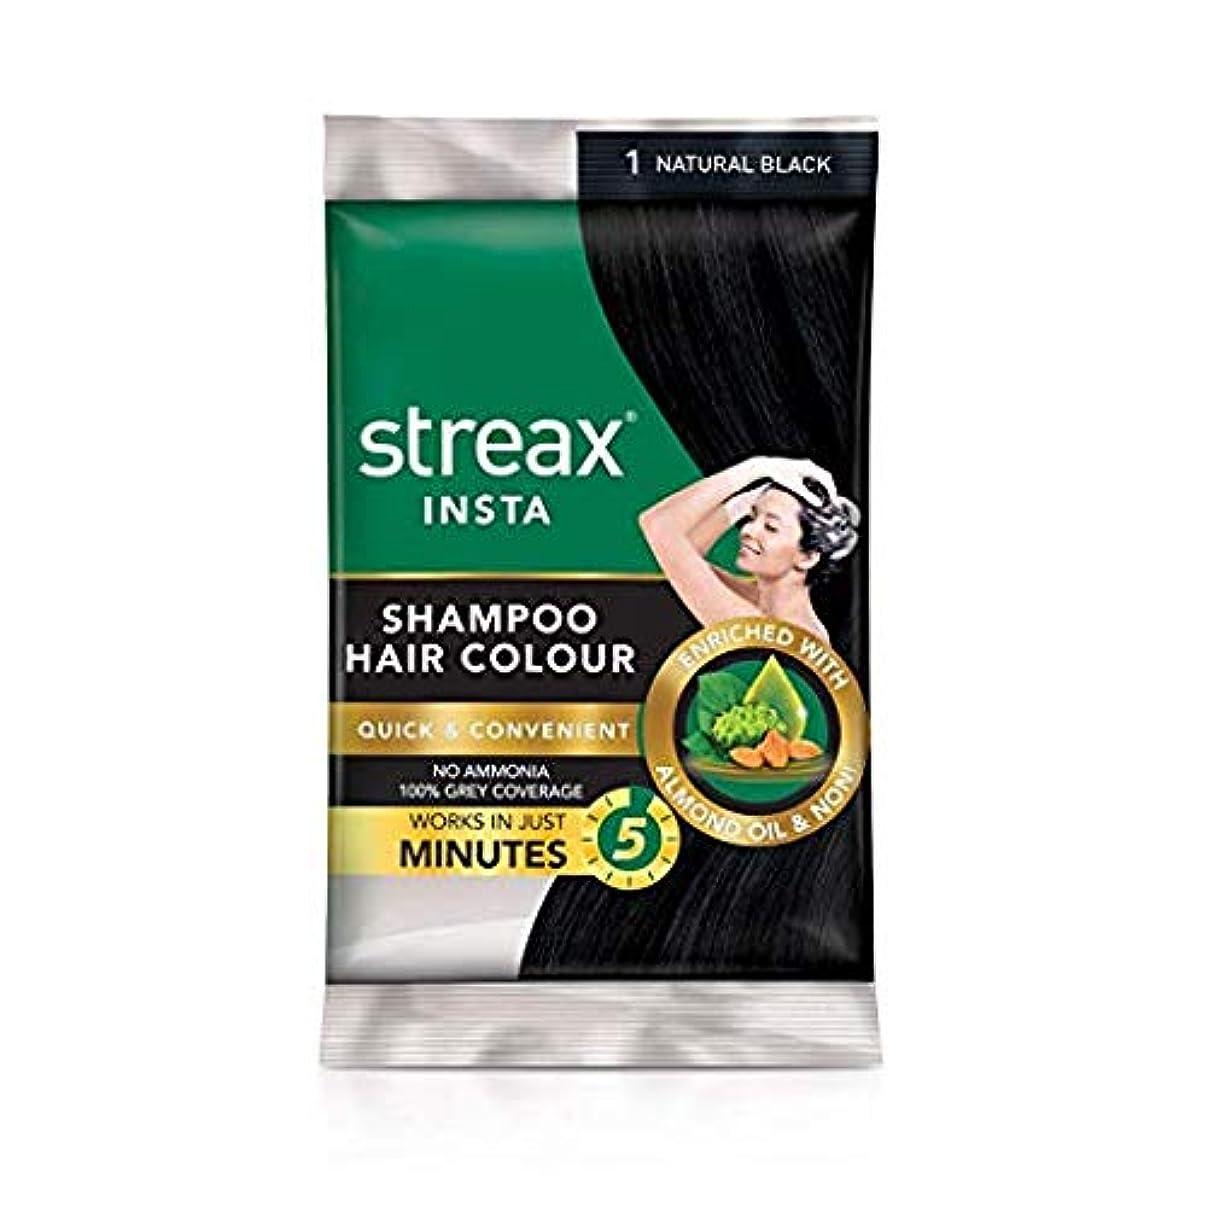 銅促す青Omg-deal Pack of 3 Streax Natural Black Shampoo Hair Colour